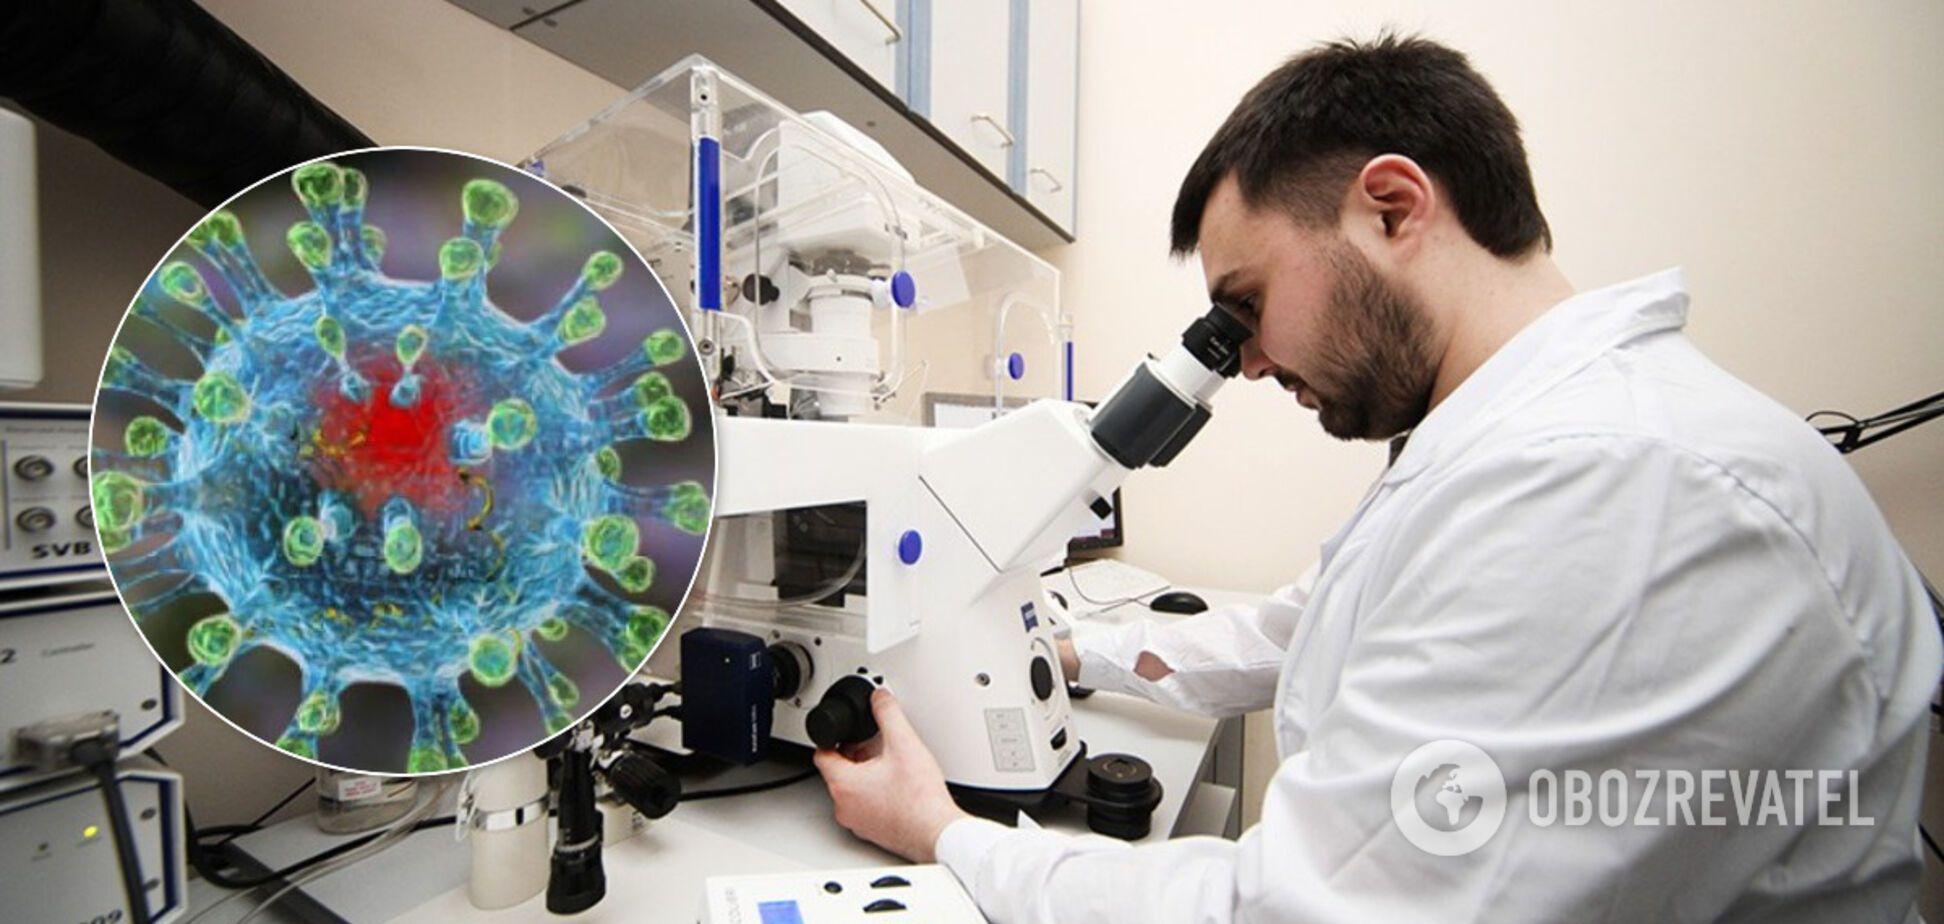 COVID-19 создали в лаборатории? Ученые дали окончательный ответ